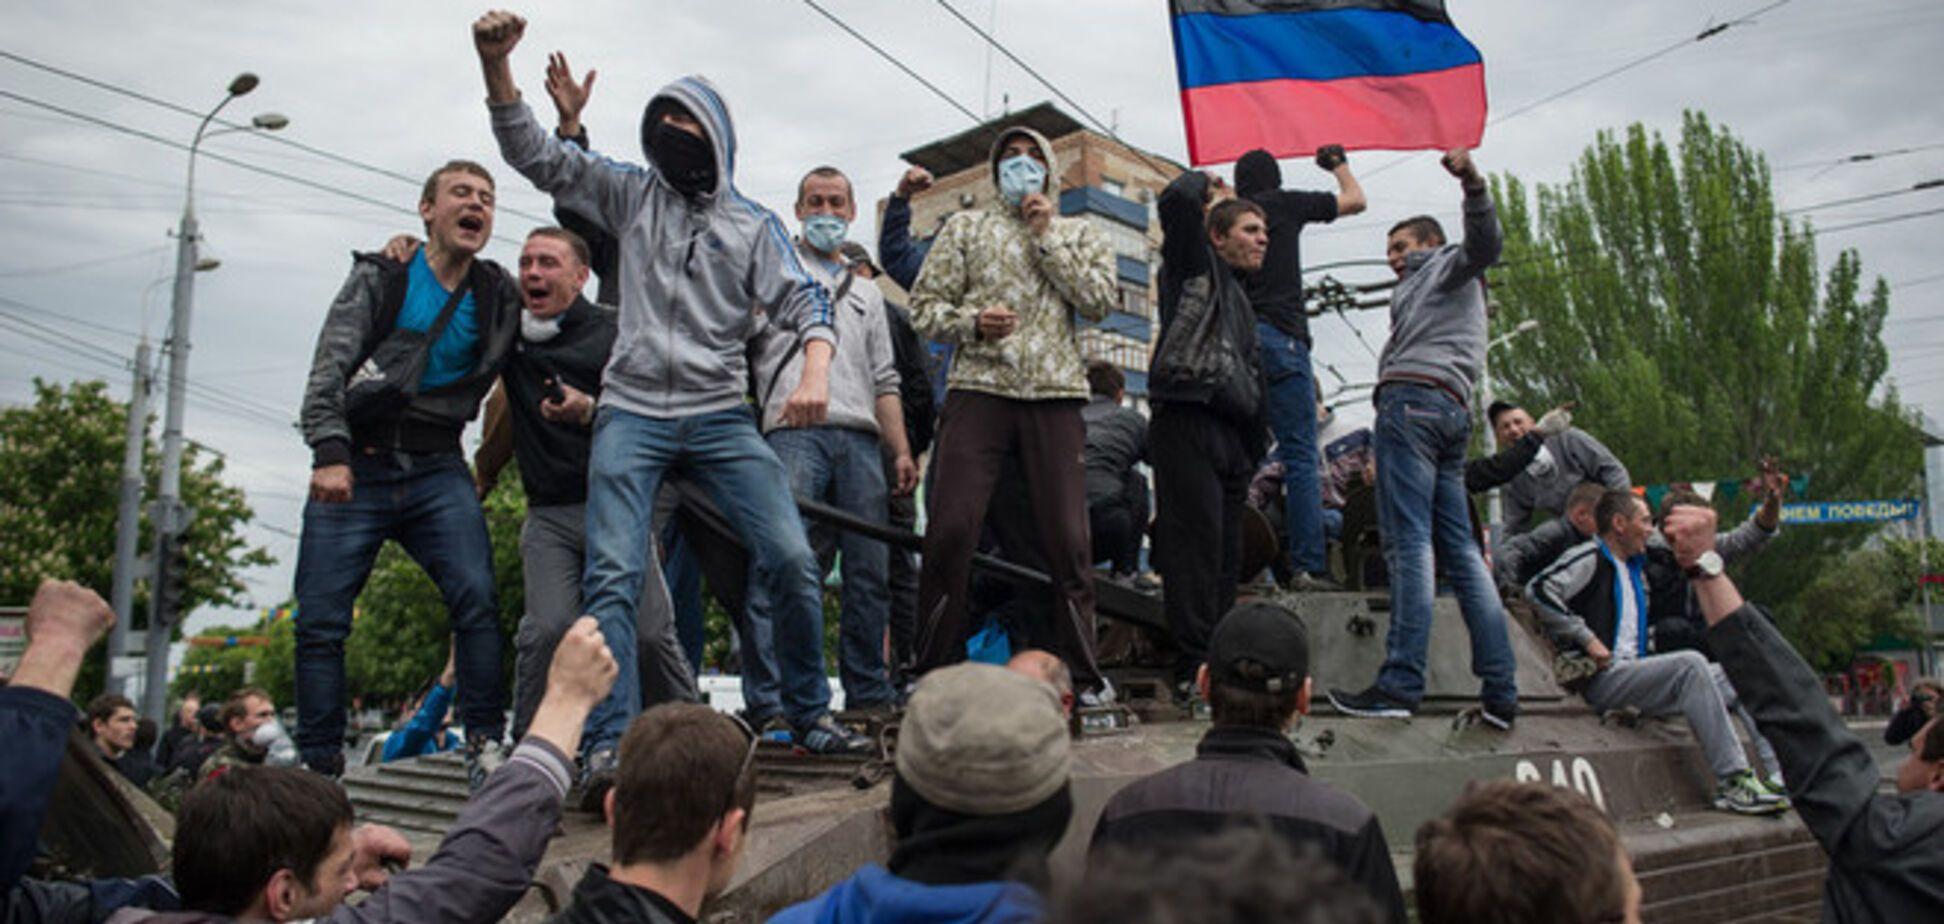 Події в Маріуполі запахли громадянською війною, яку РФ прагне розпалити в Україні - Тимчук